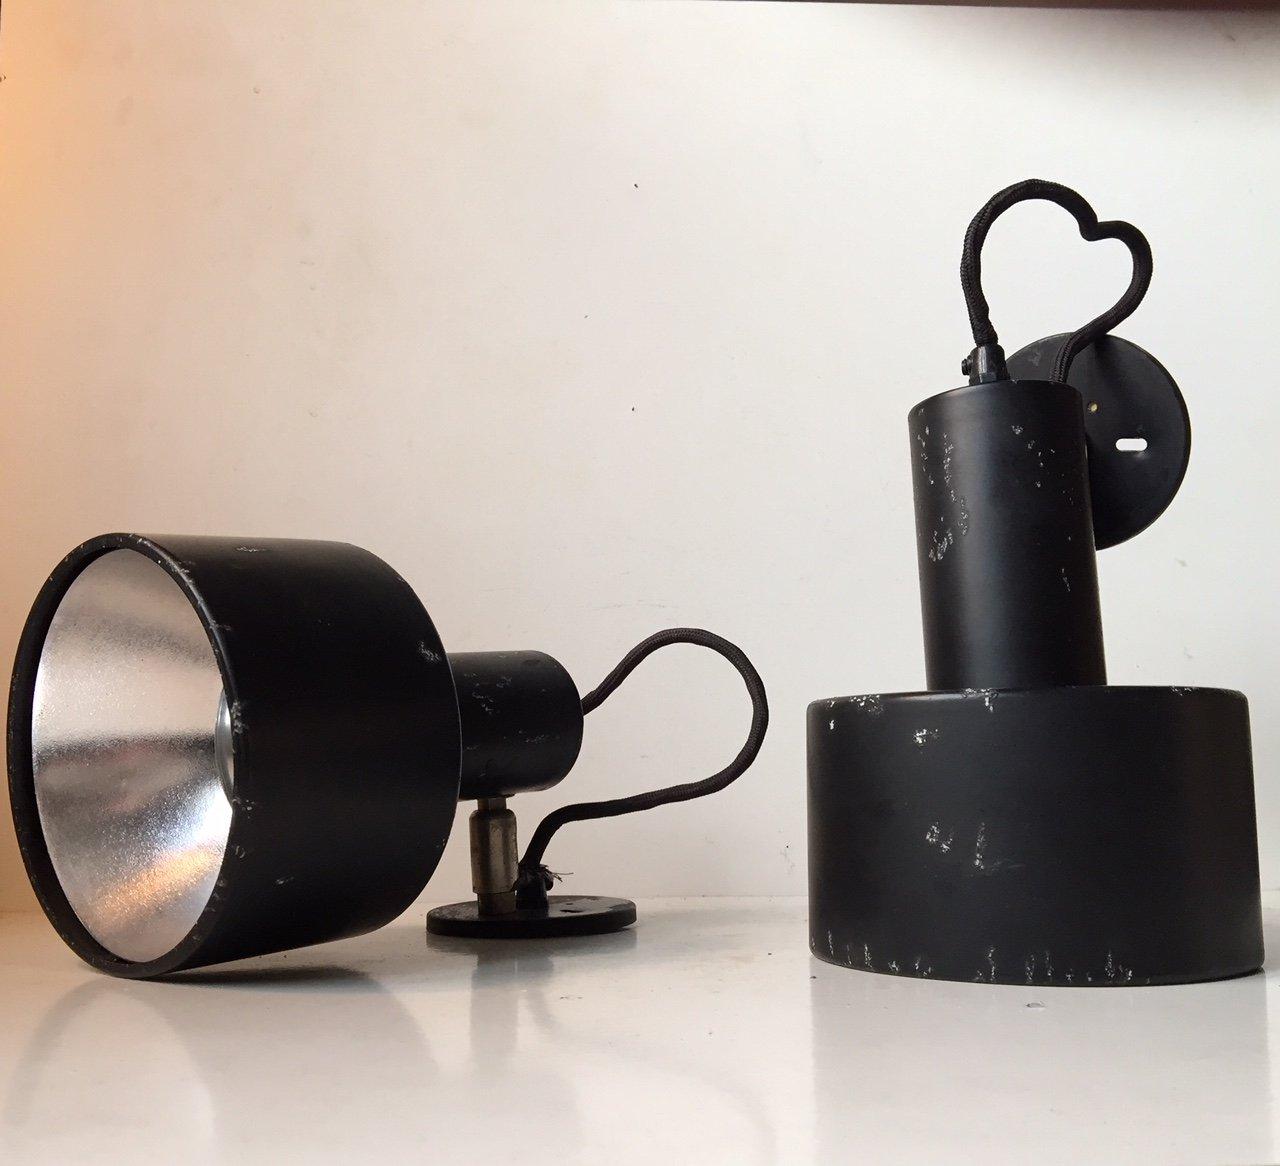 Dänische Schwarze Industrielle Vintage Wandlampen von Louis Poulsen, 1...